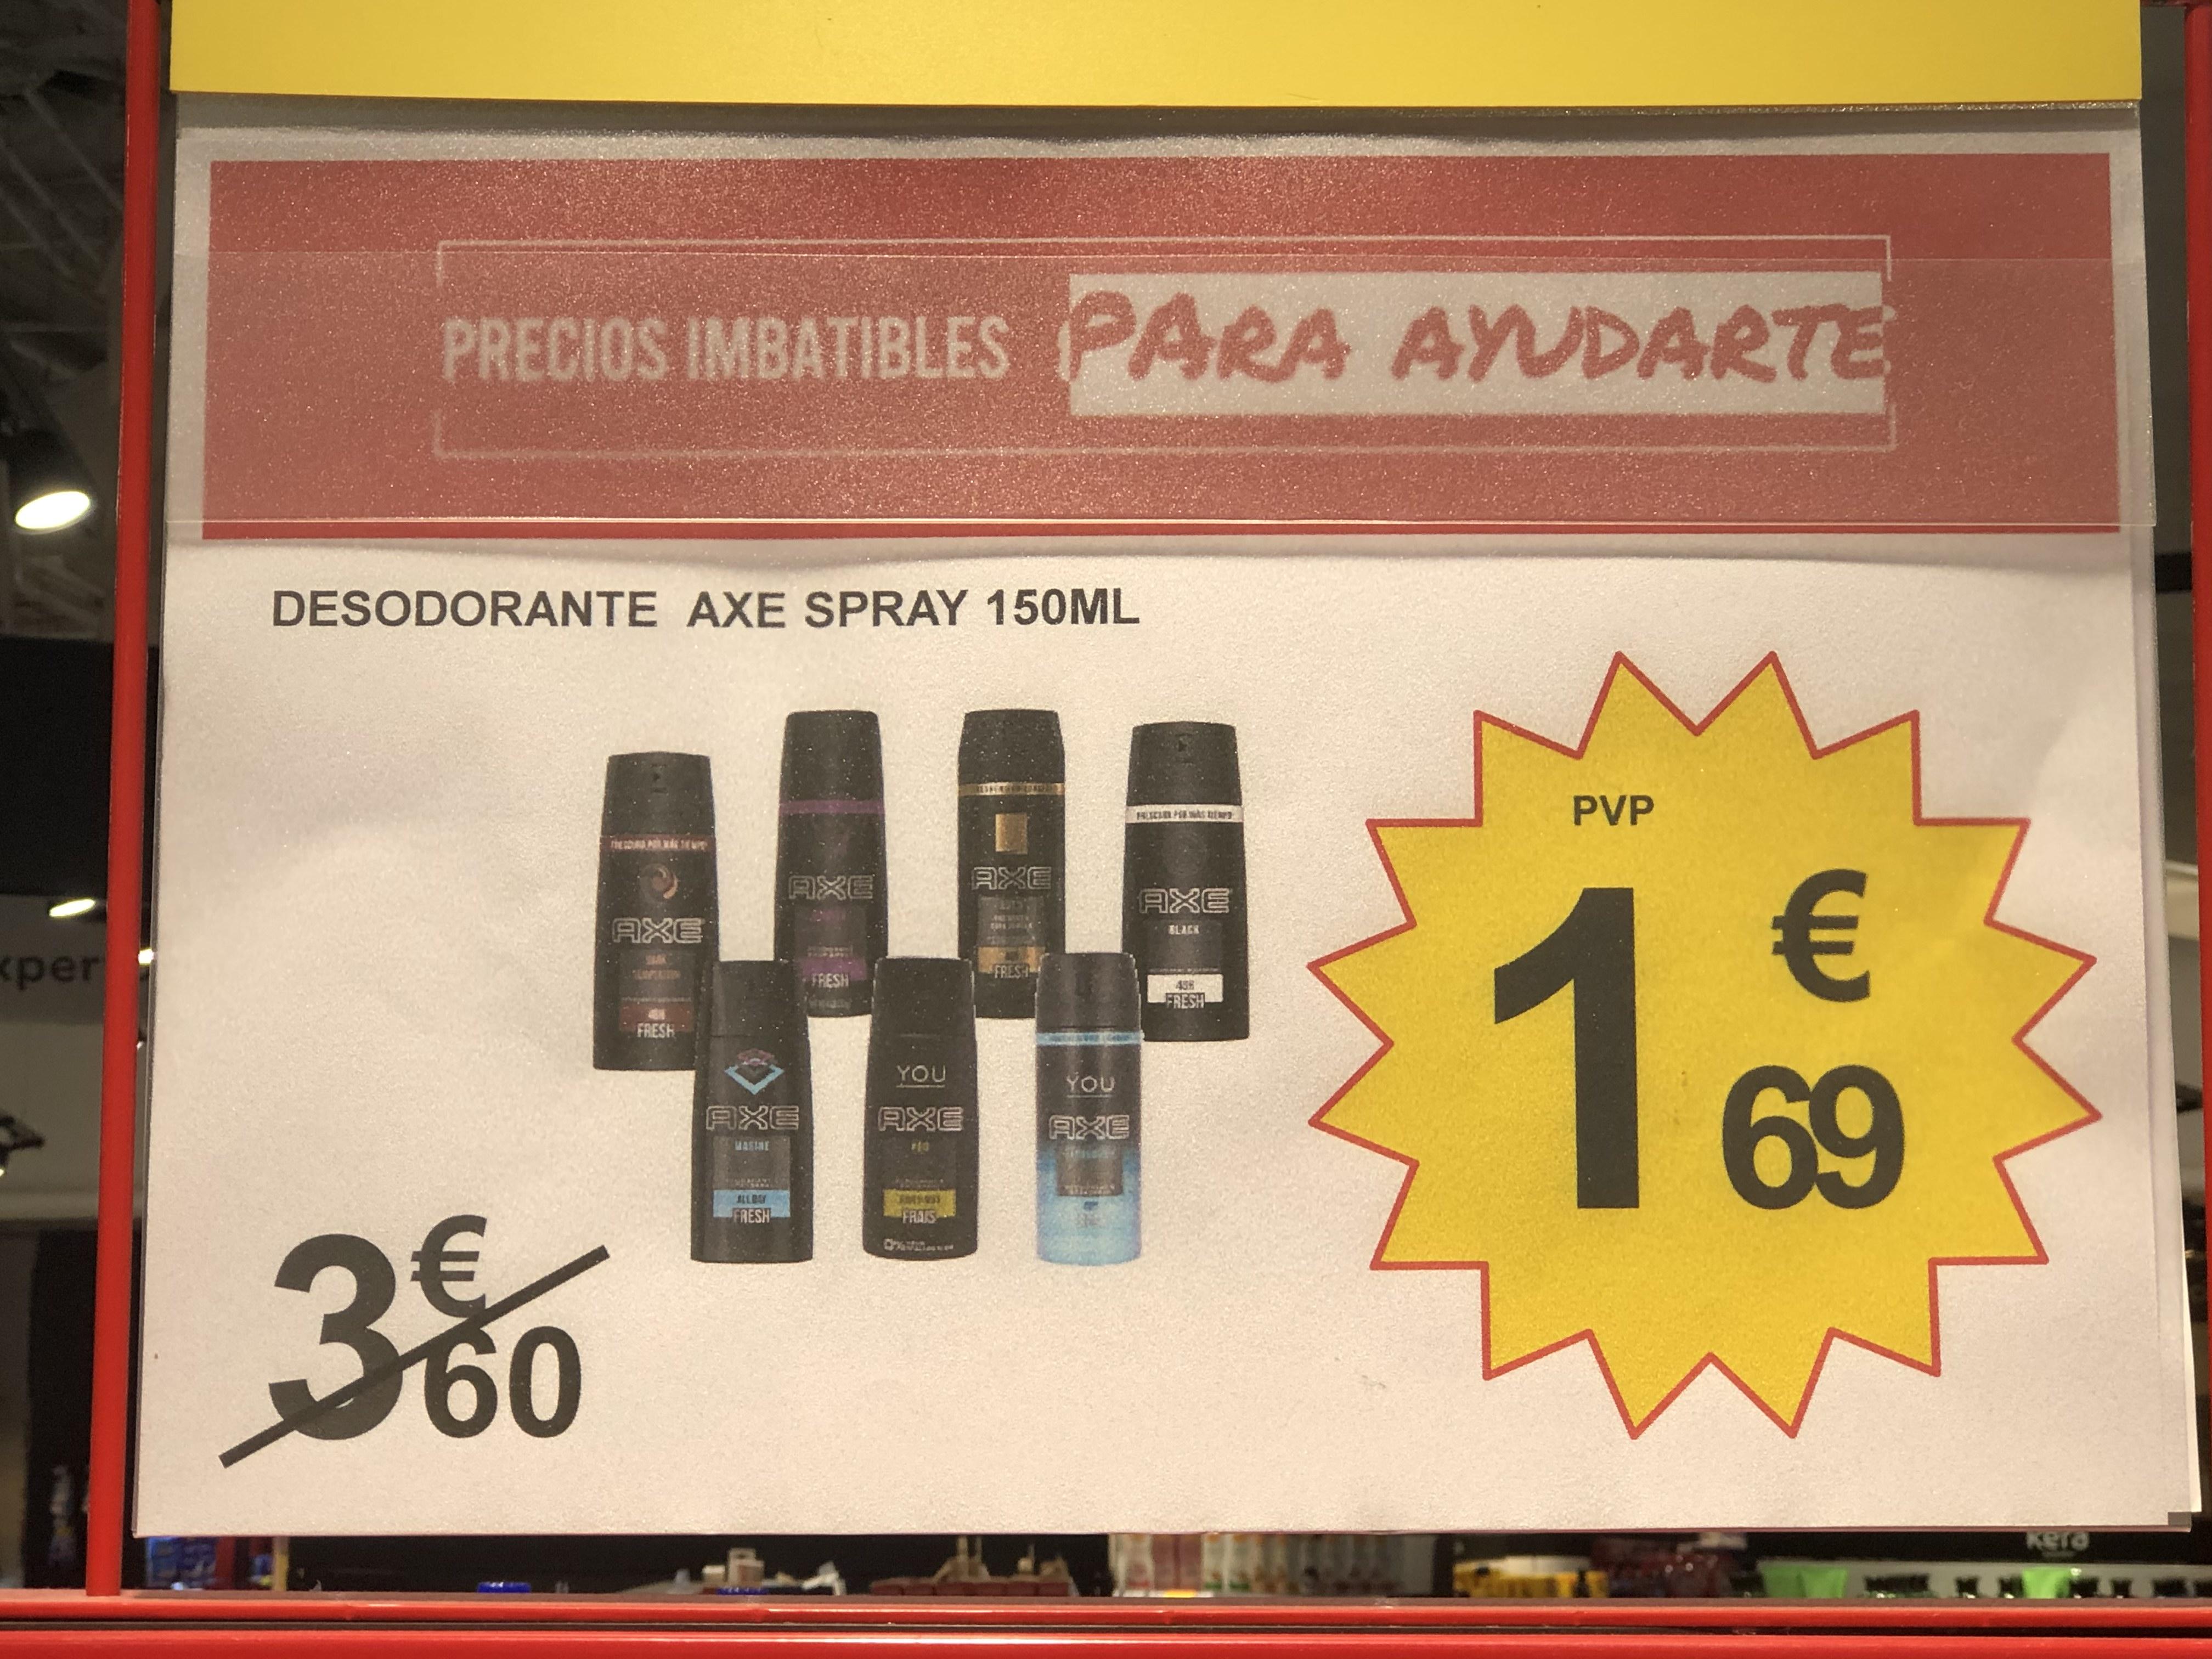 Desodorante Axe Carrefour Sevilla San Pablo